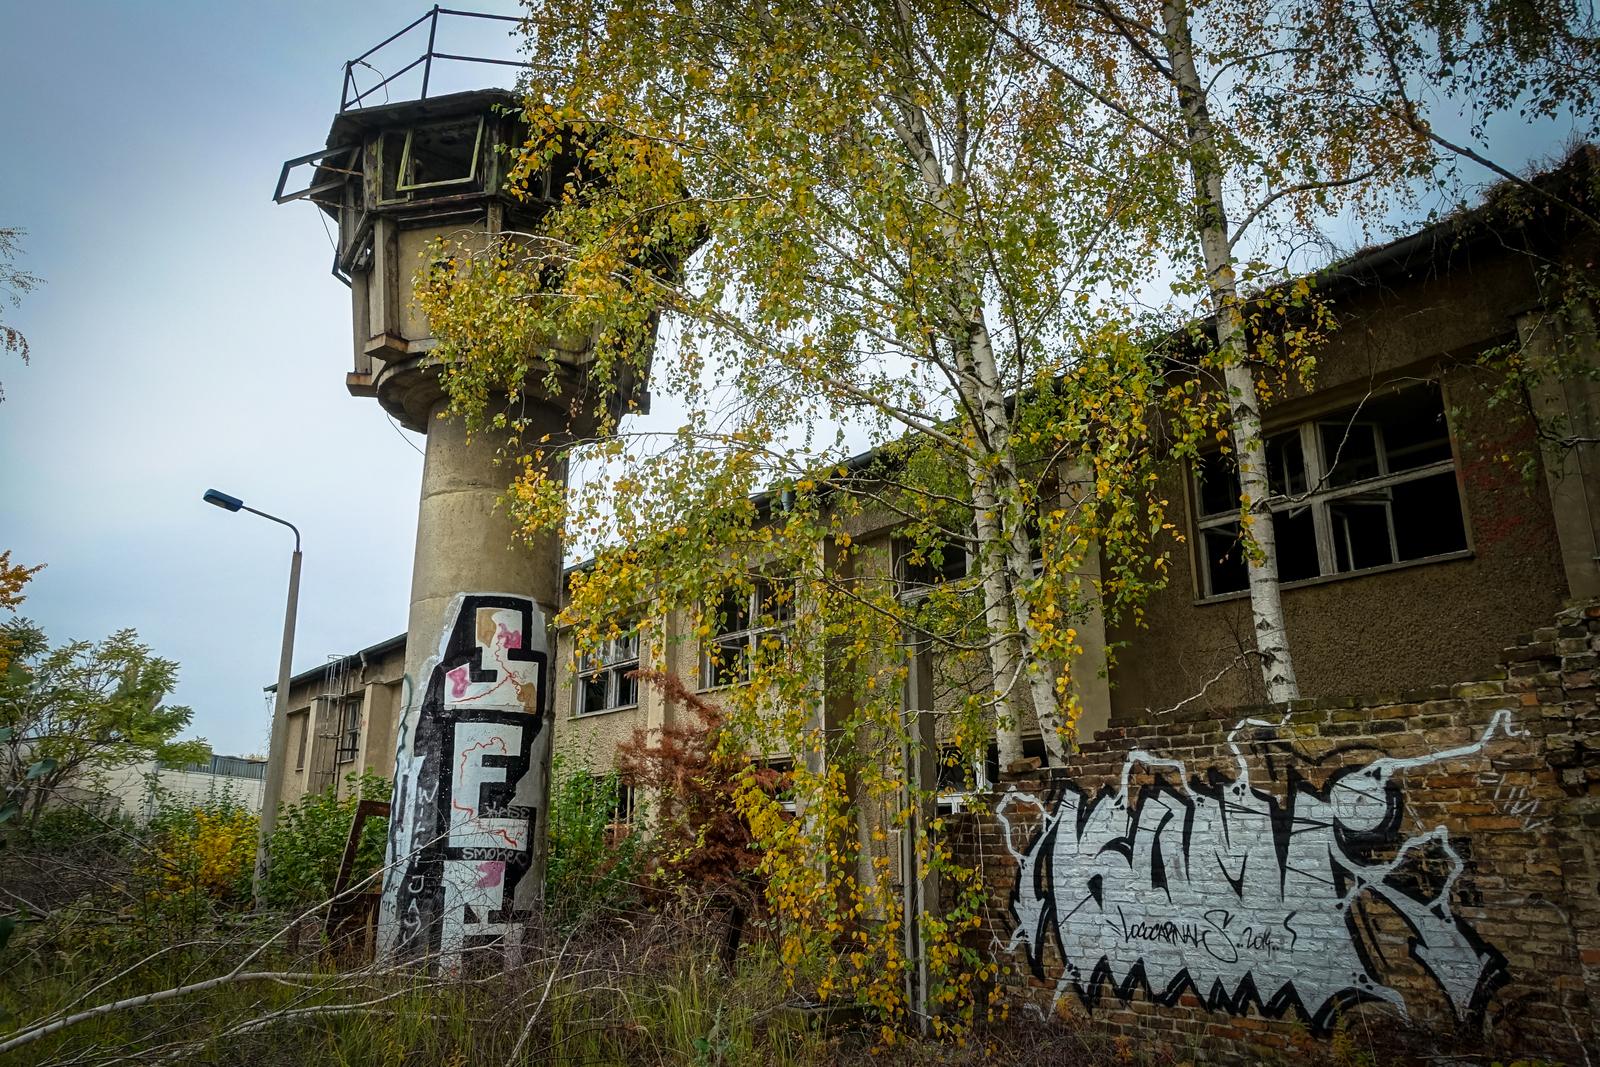 graffiti urbex at air field johannisthal, berlin